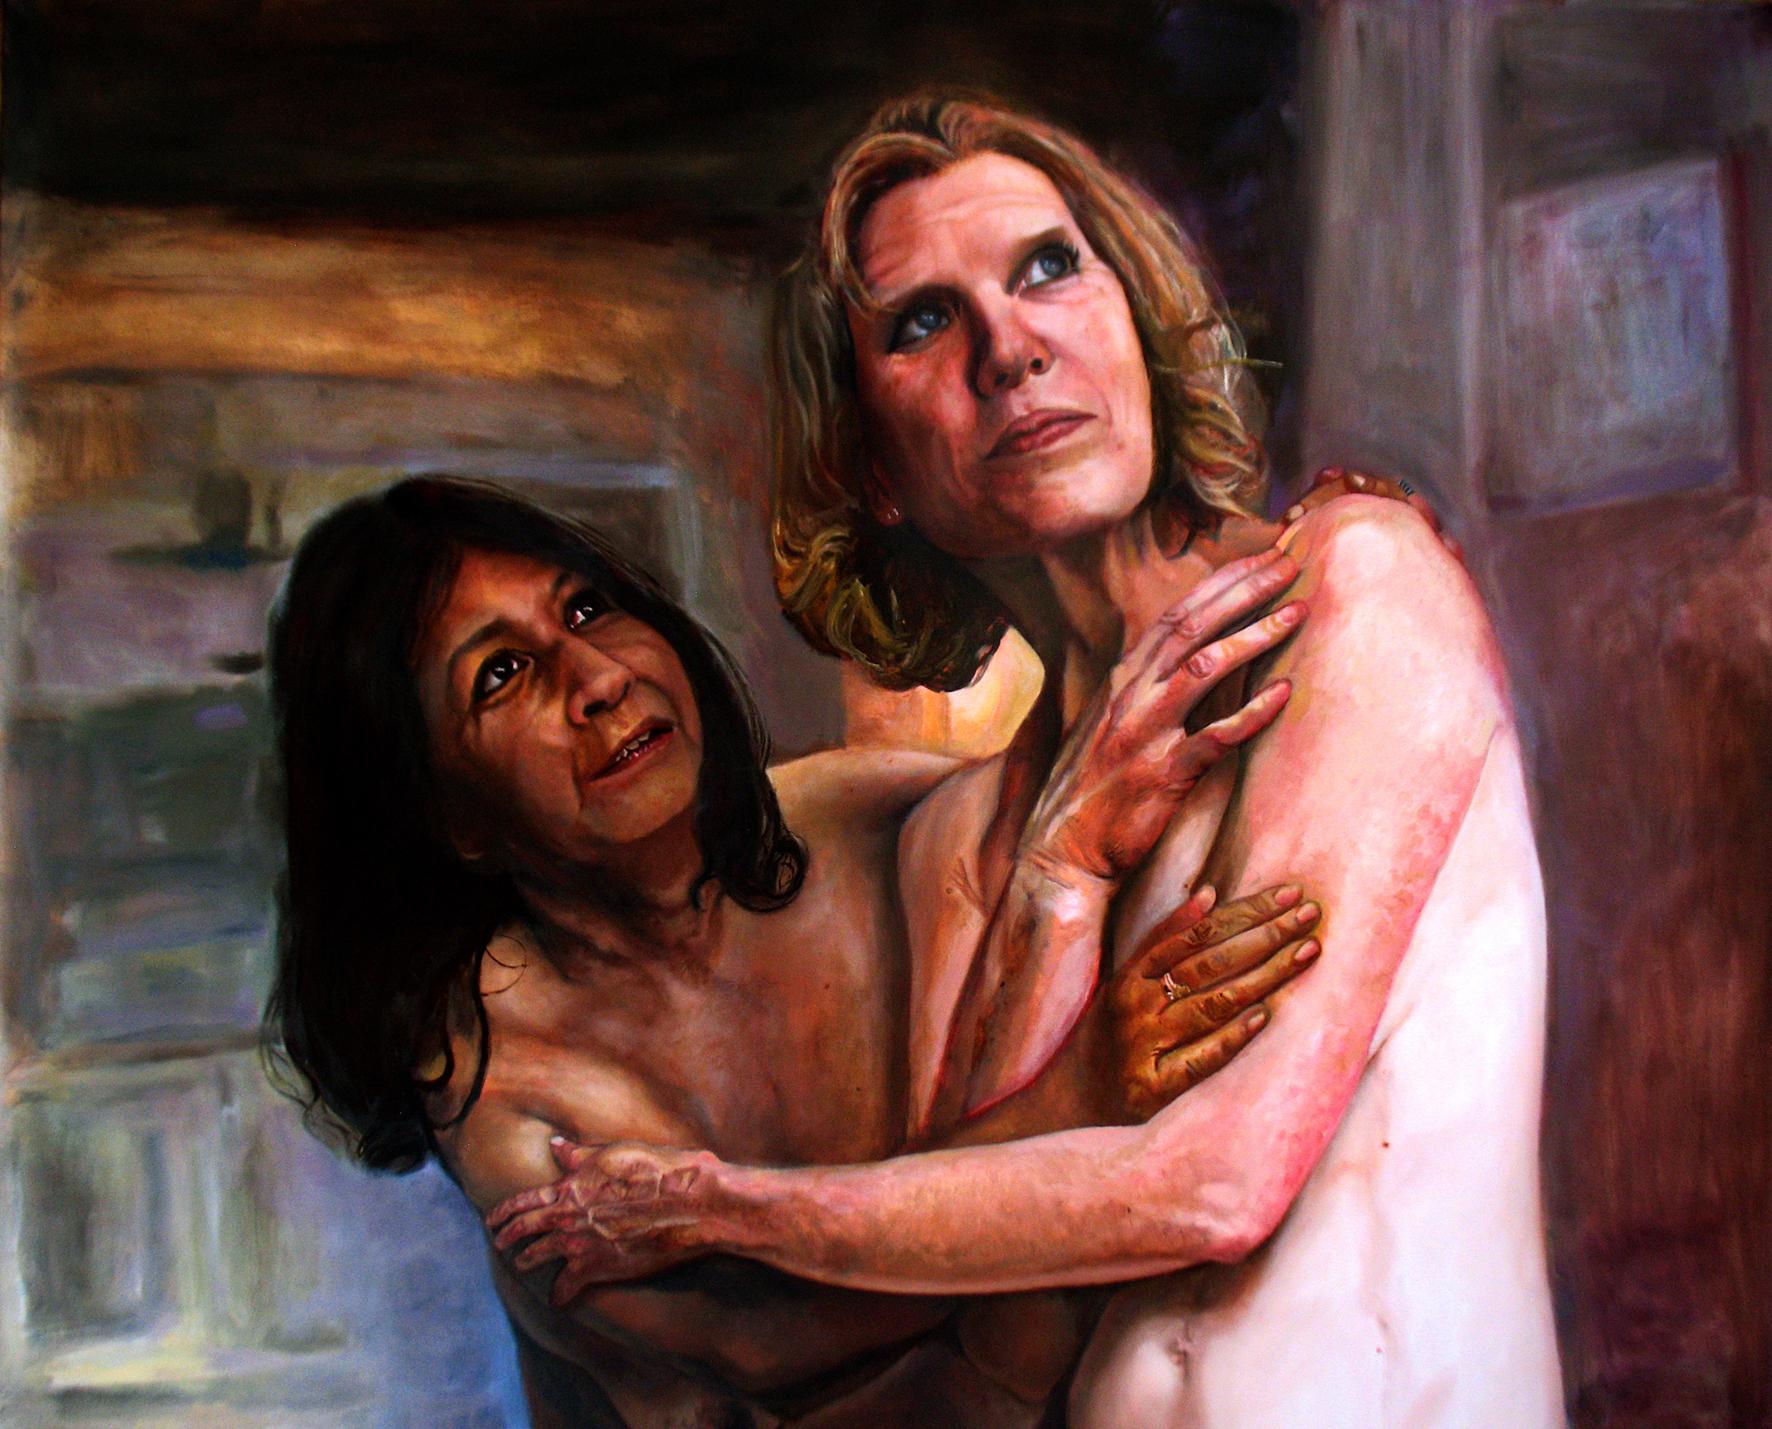 Natalia Glinoer, Lola and Karima 3, Oil on Linen, 174cm x 143cm x 3cm